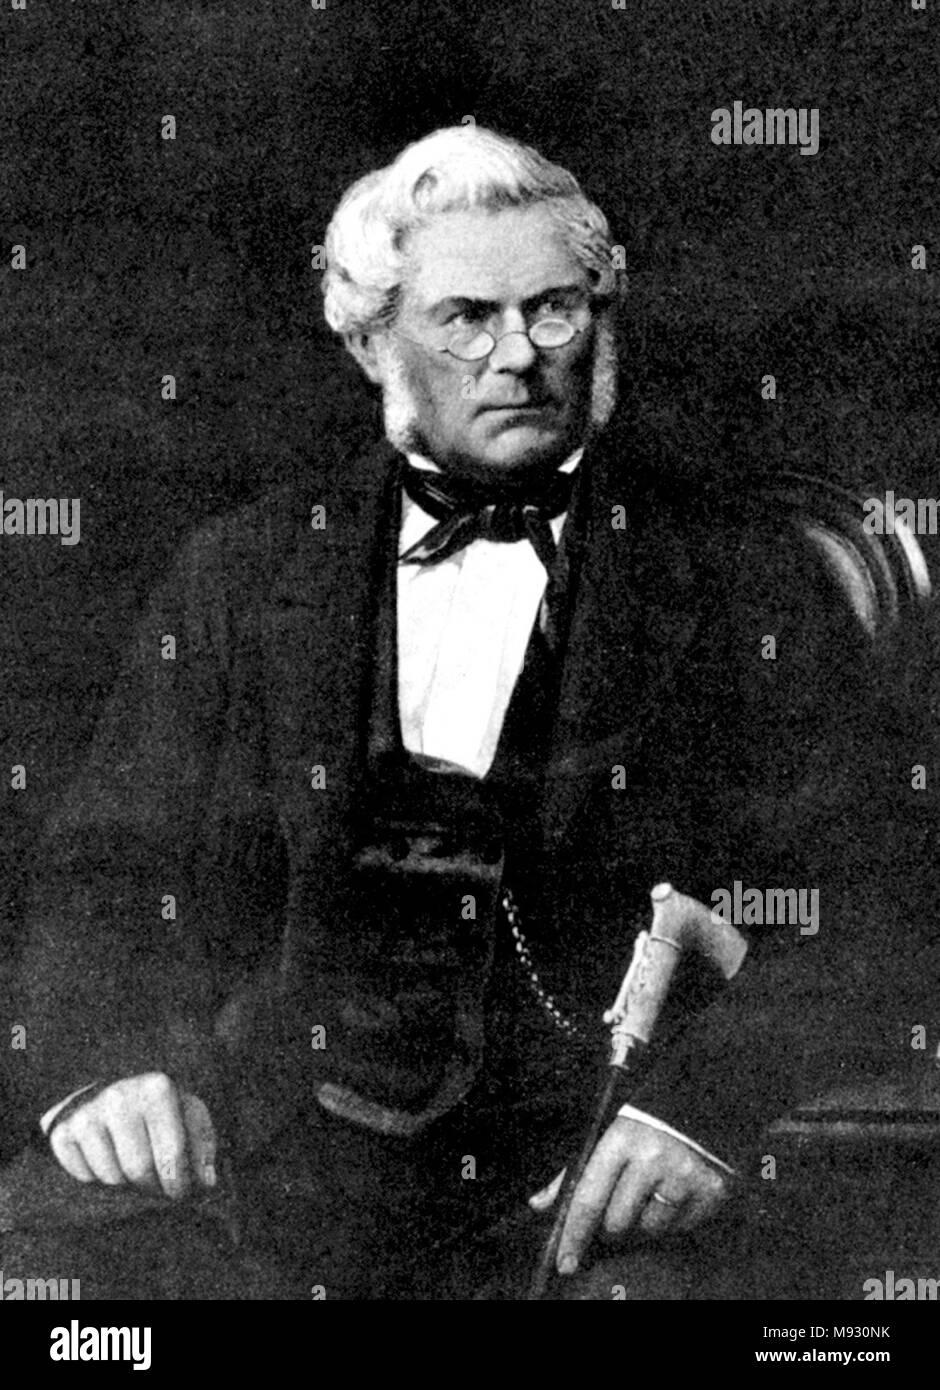 Immanuel Nobel le jeune (1801 - 1872) ingénieur suédois, architecte, inventeur et industriel. Photo Stock